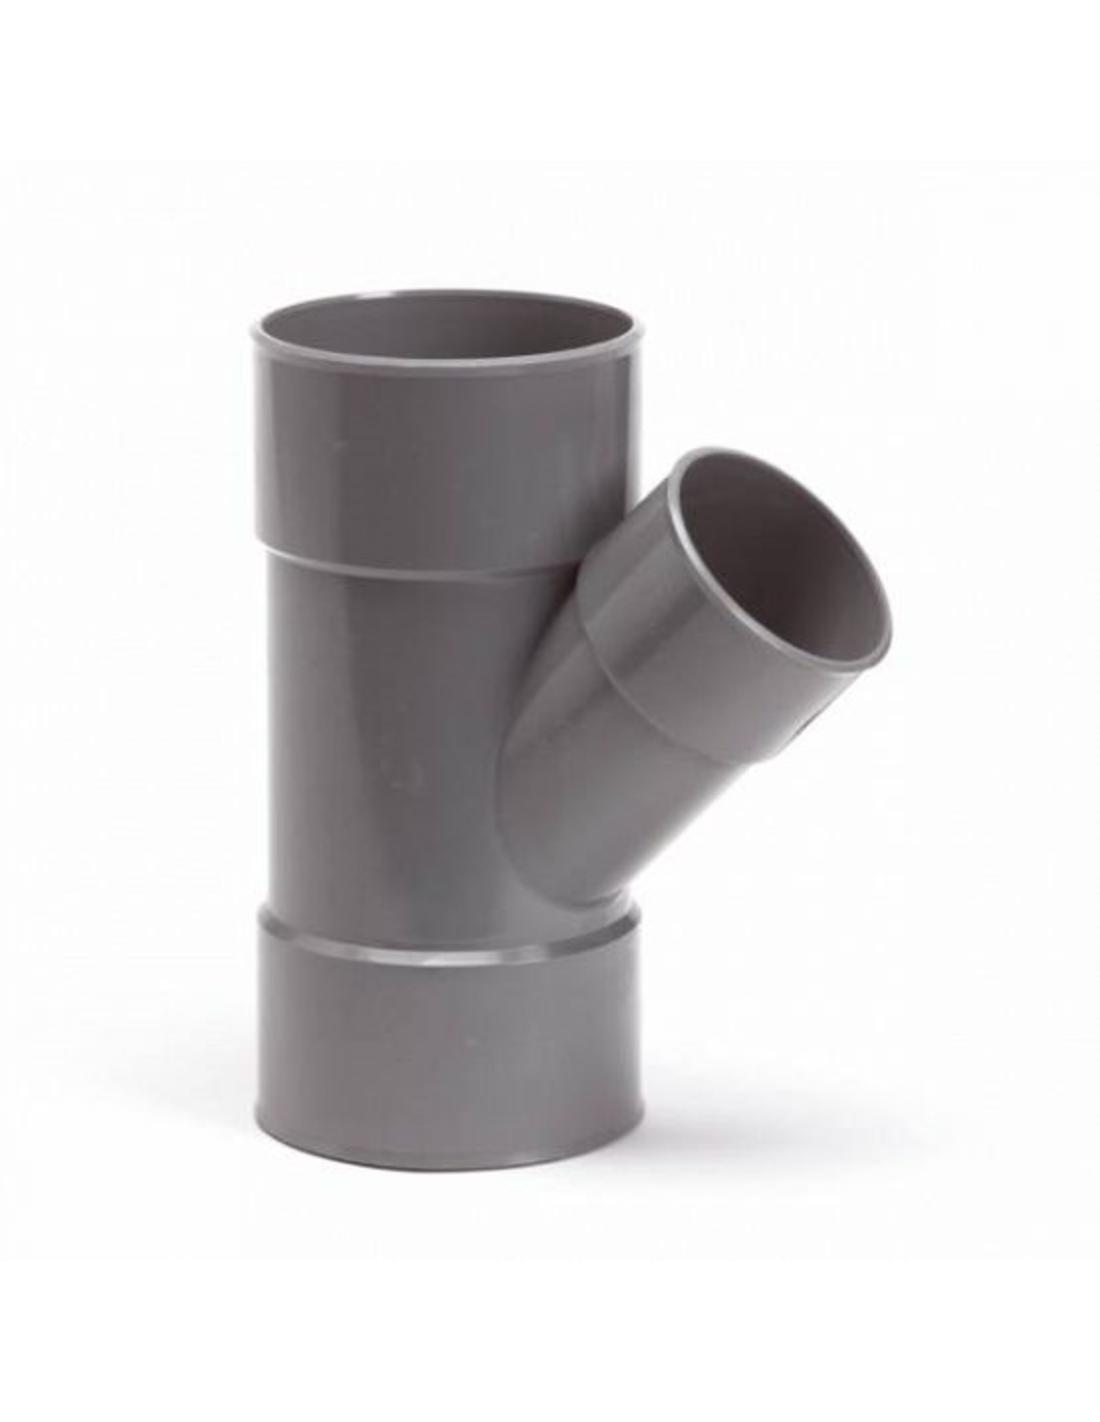 PVC Winkel 90° Klebeanschluss IA Ø 63 mm x 63 mm